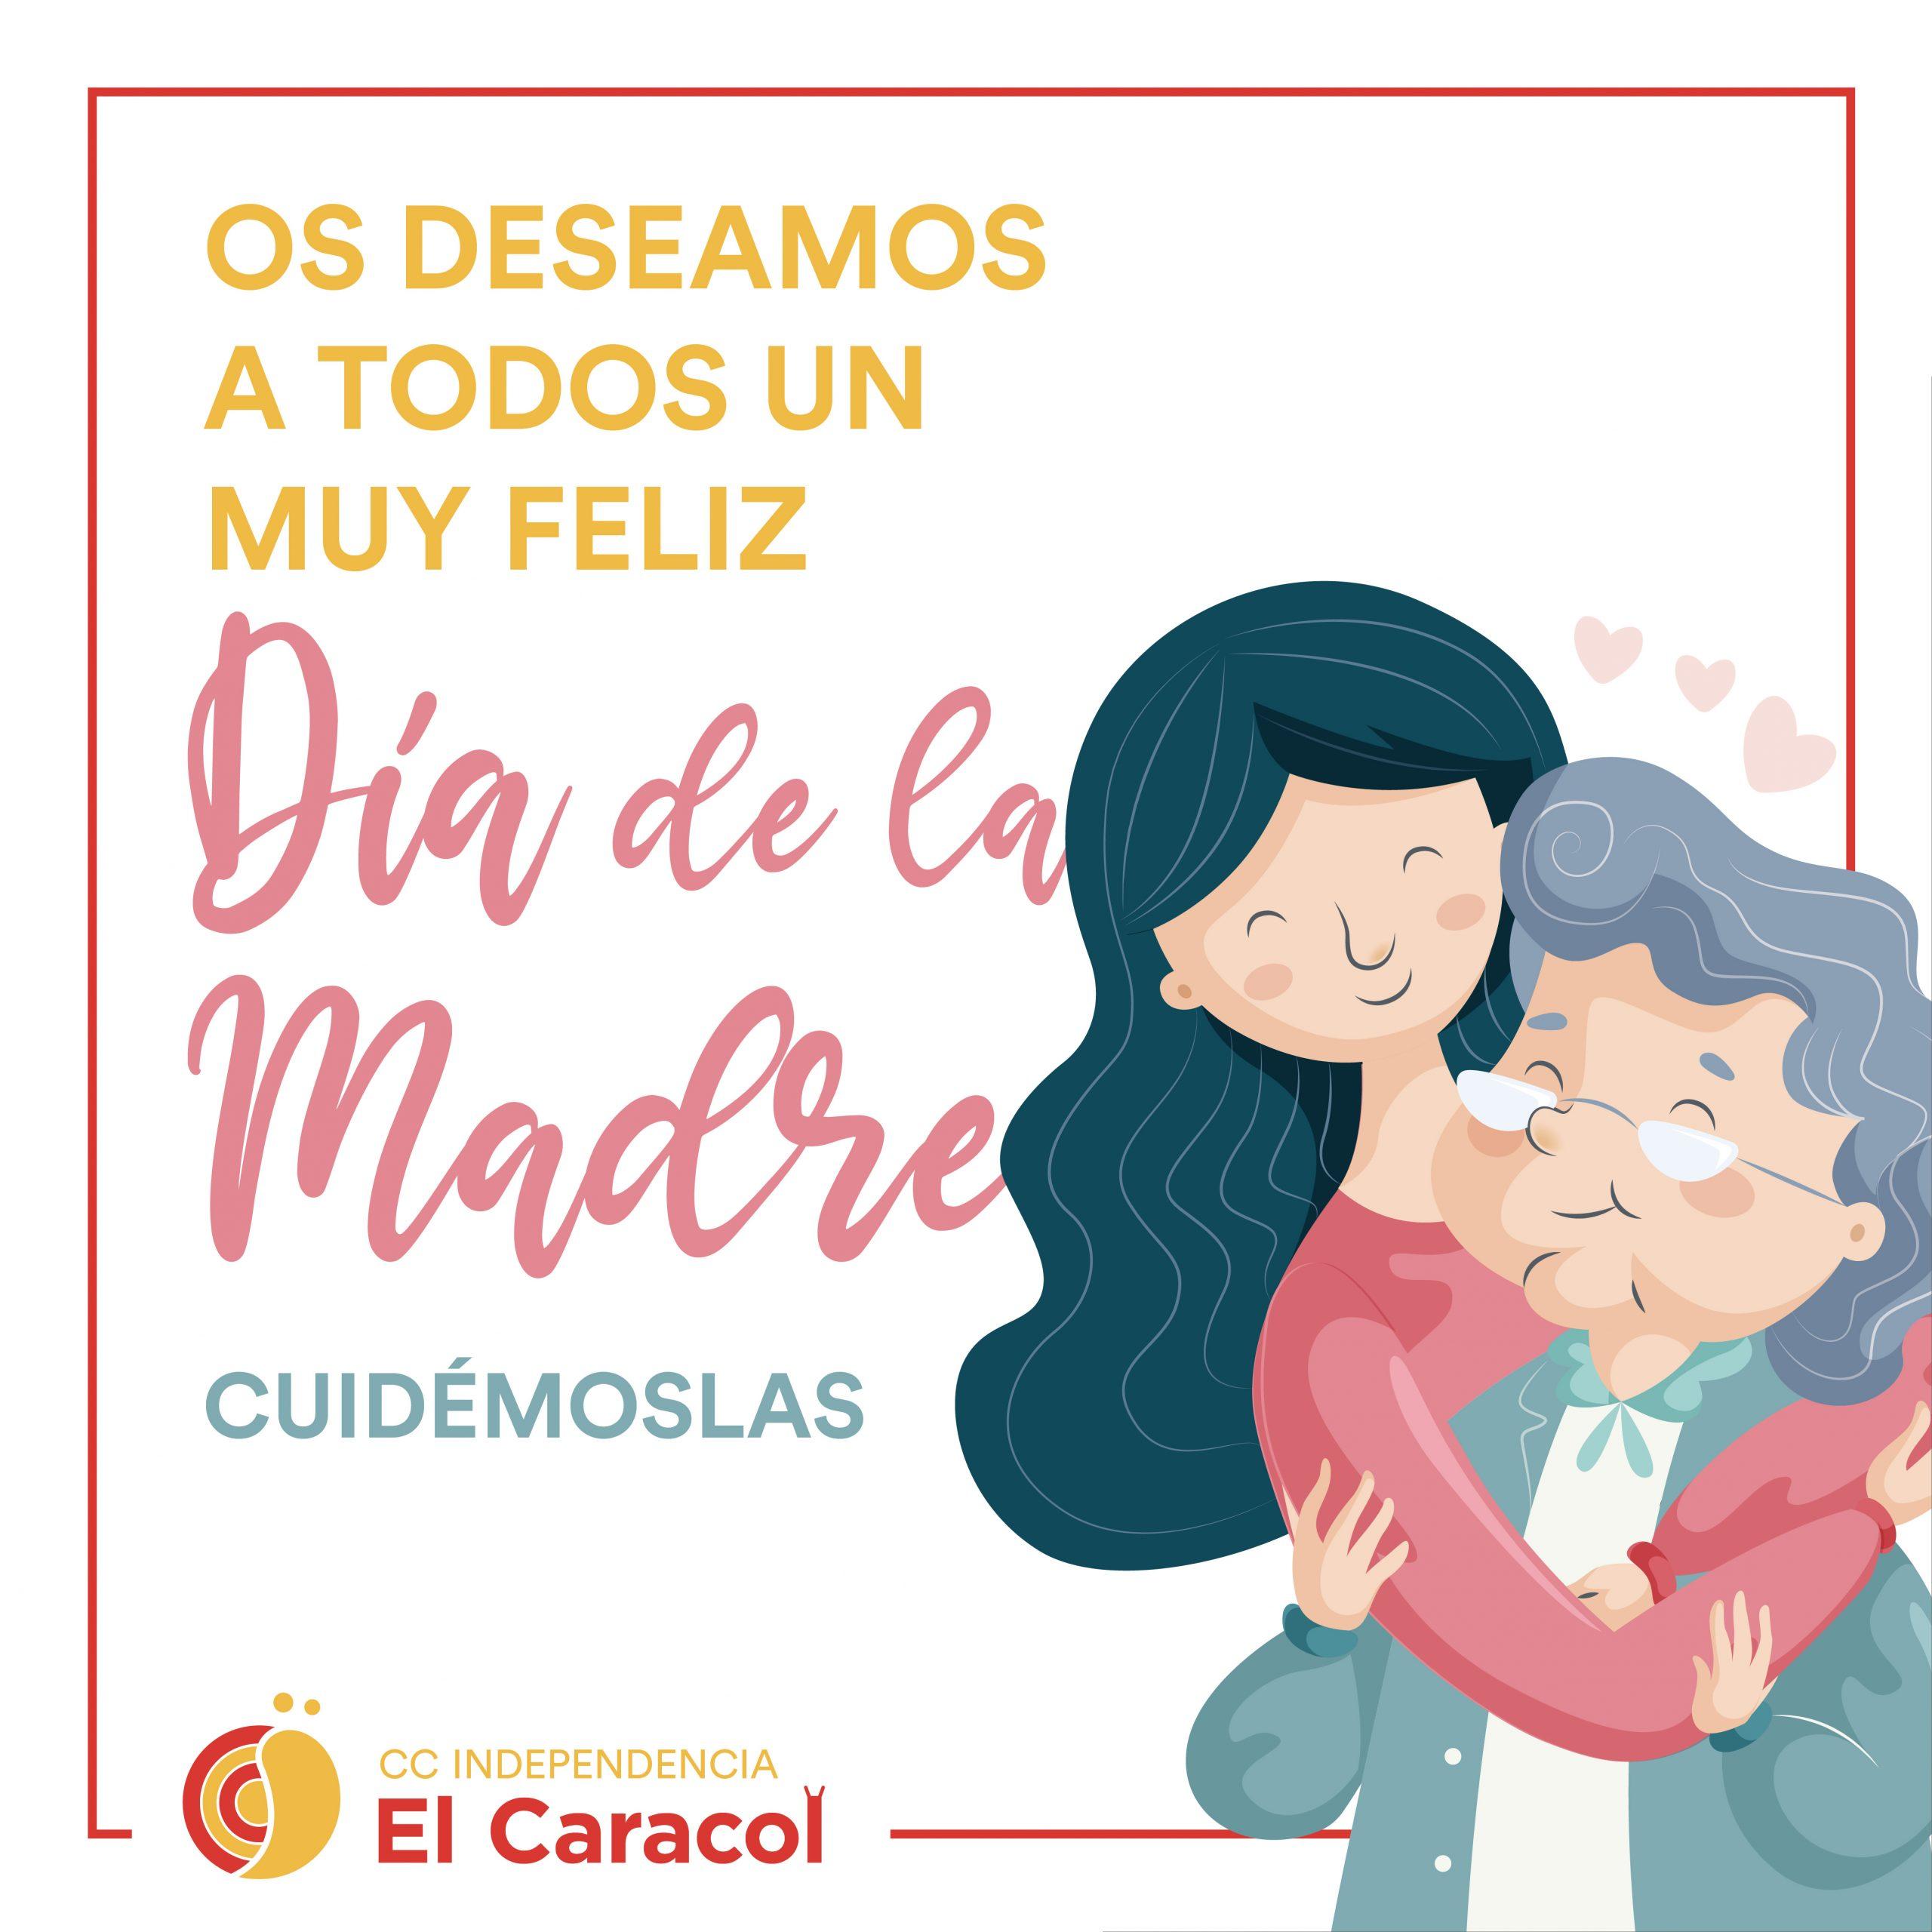 ¡Feliz Día de la Madre 2021!